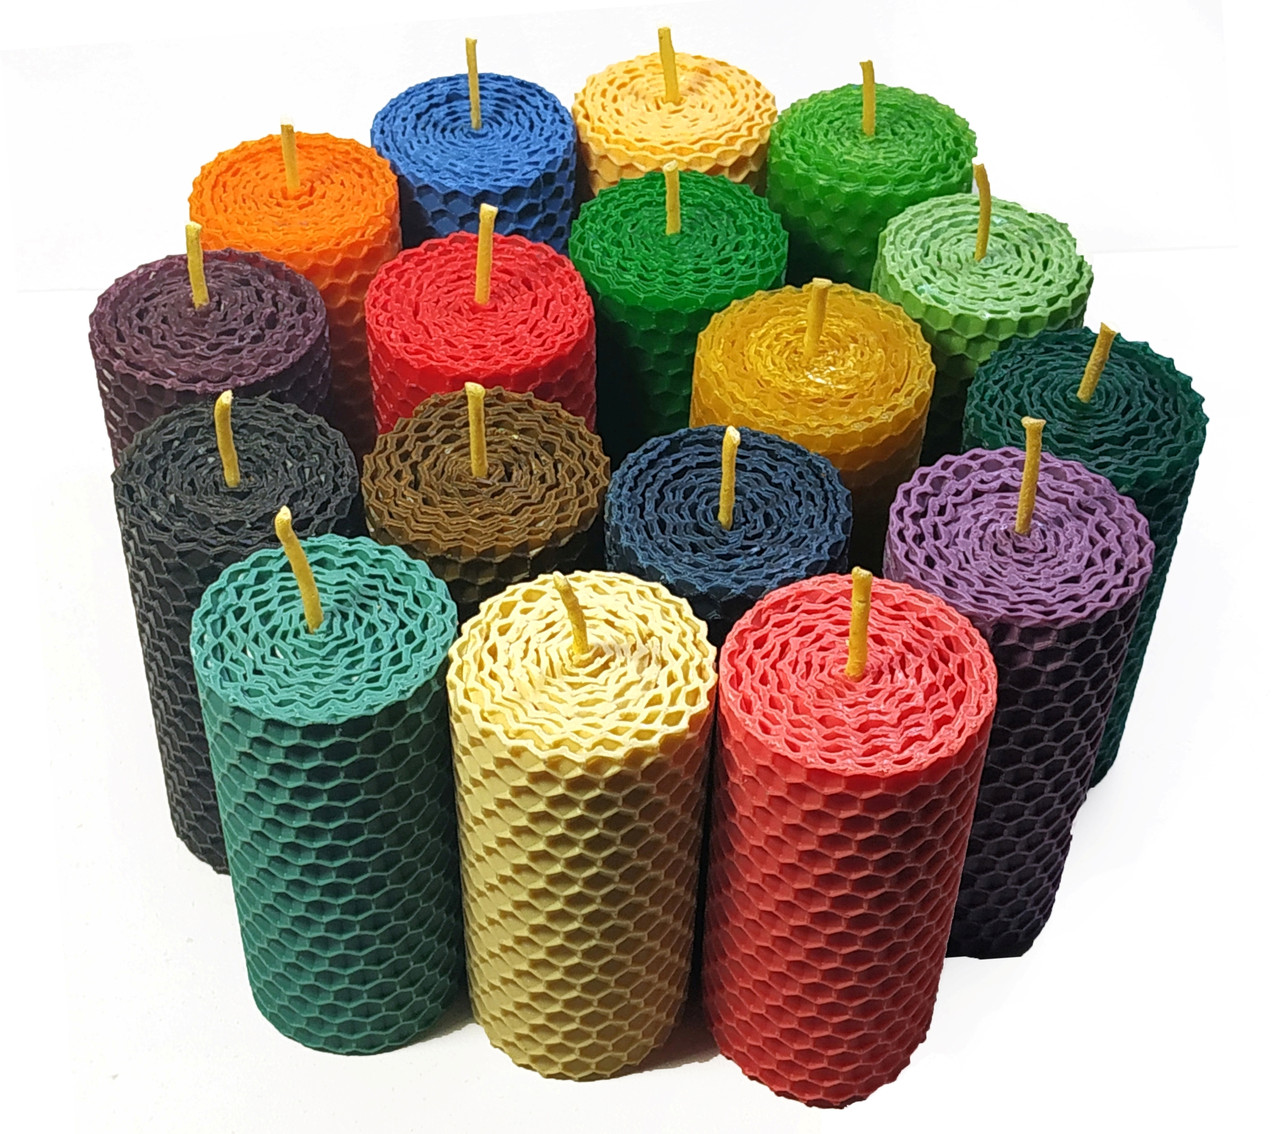 Свечи катаные из цветной вощины  высота 8.5 см диаметр 4 см время горения 3 часа